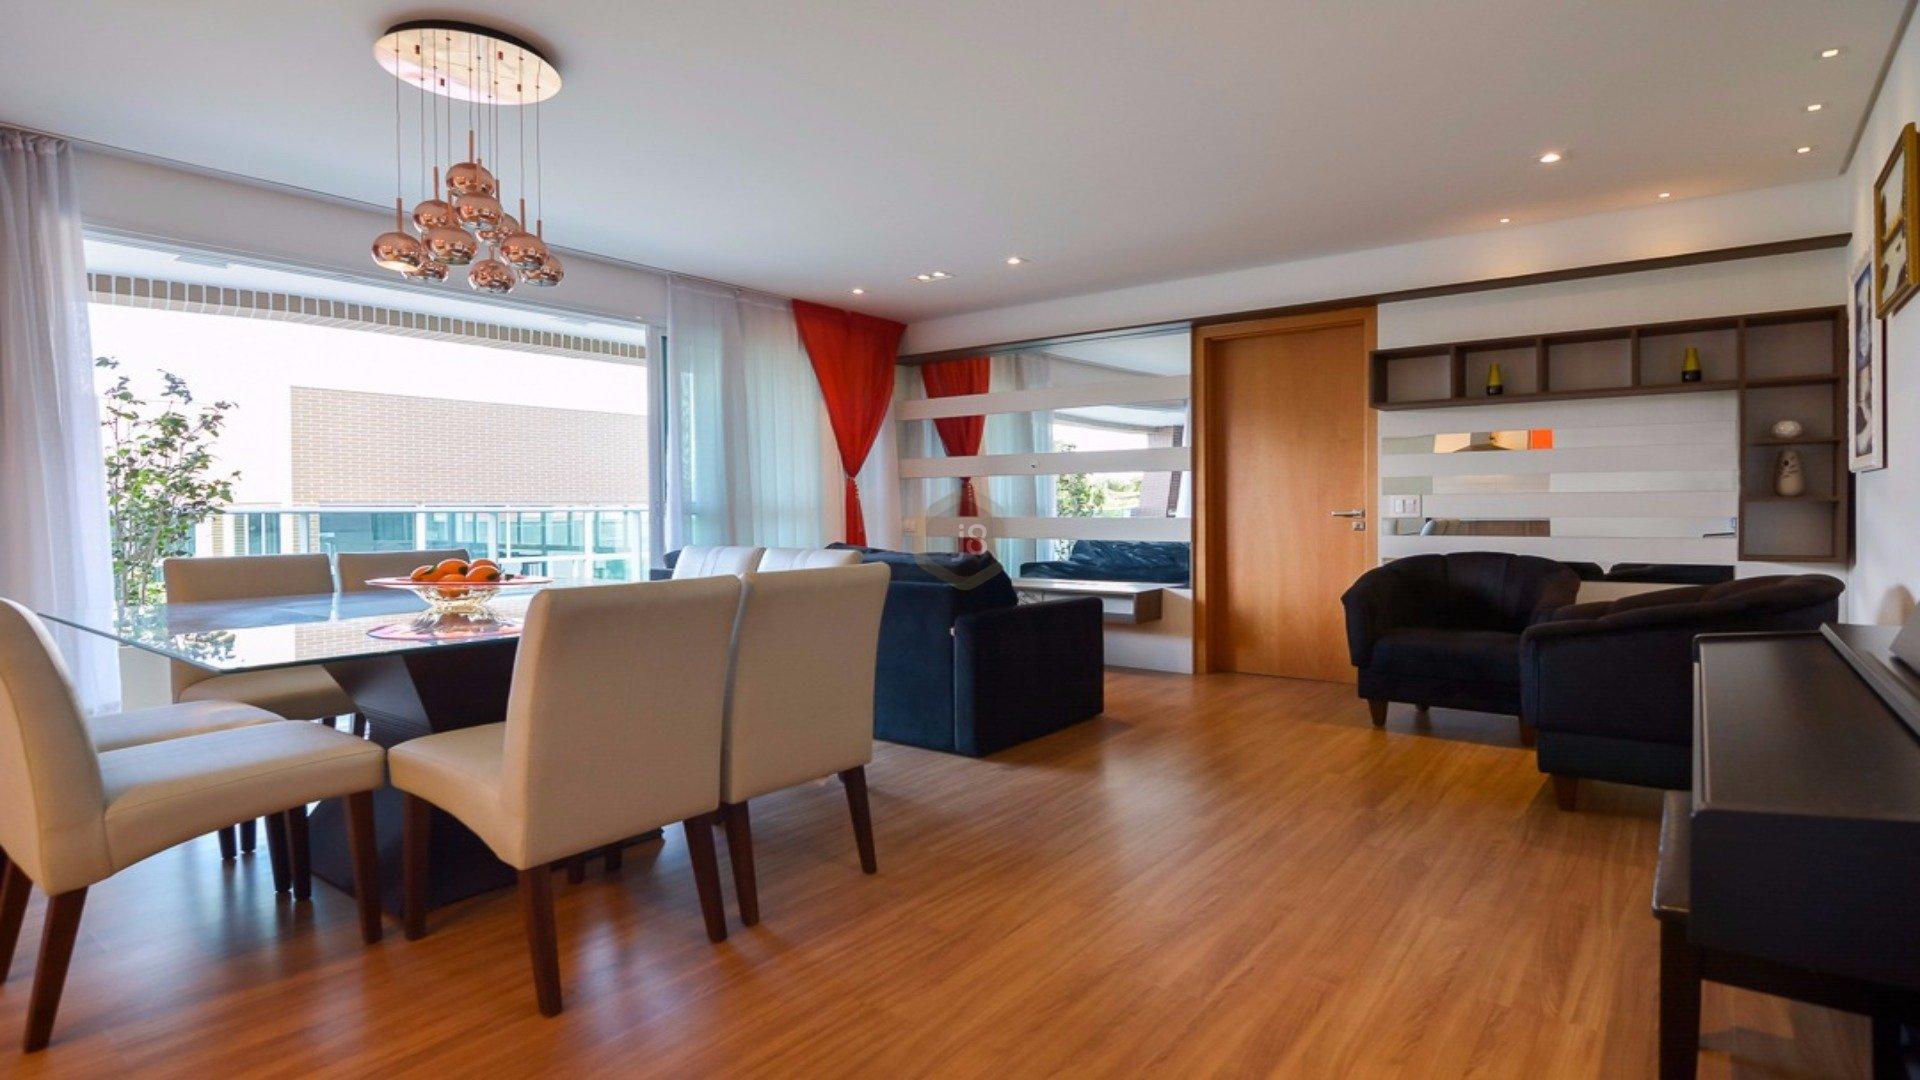 Foto de destaque ótimo apartamento com 3 suítes!